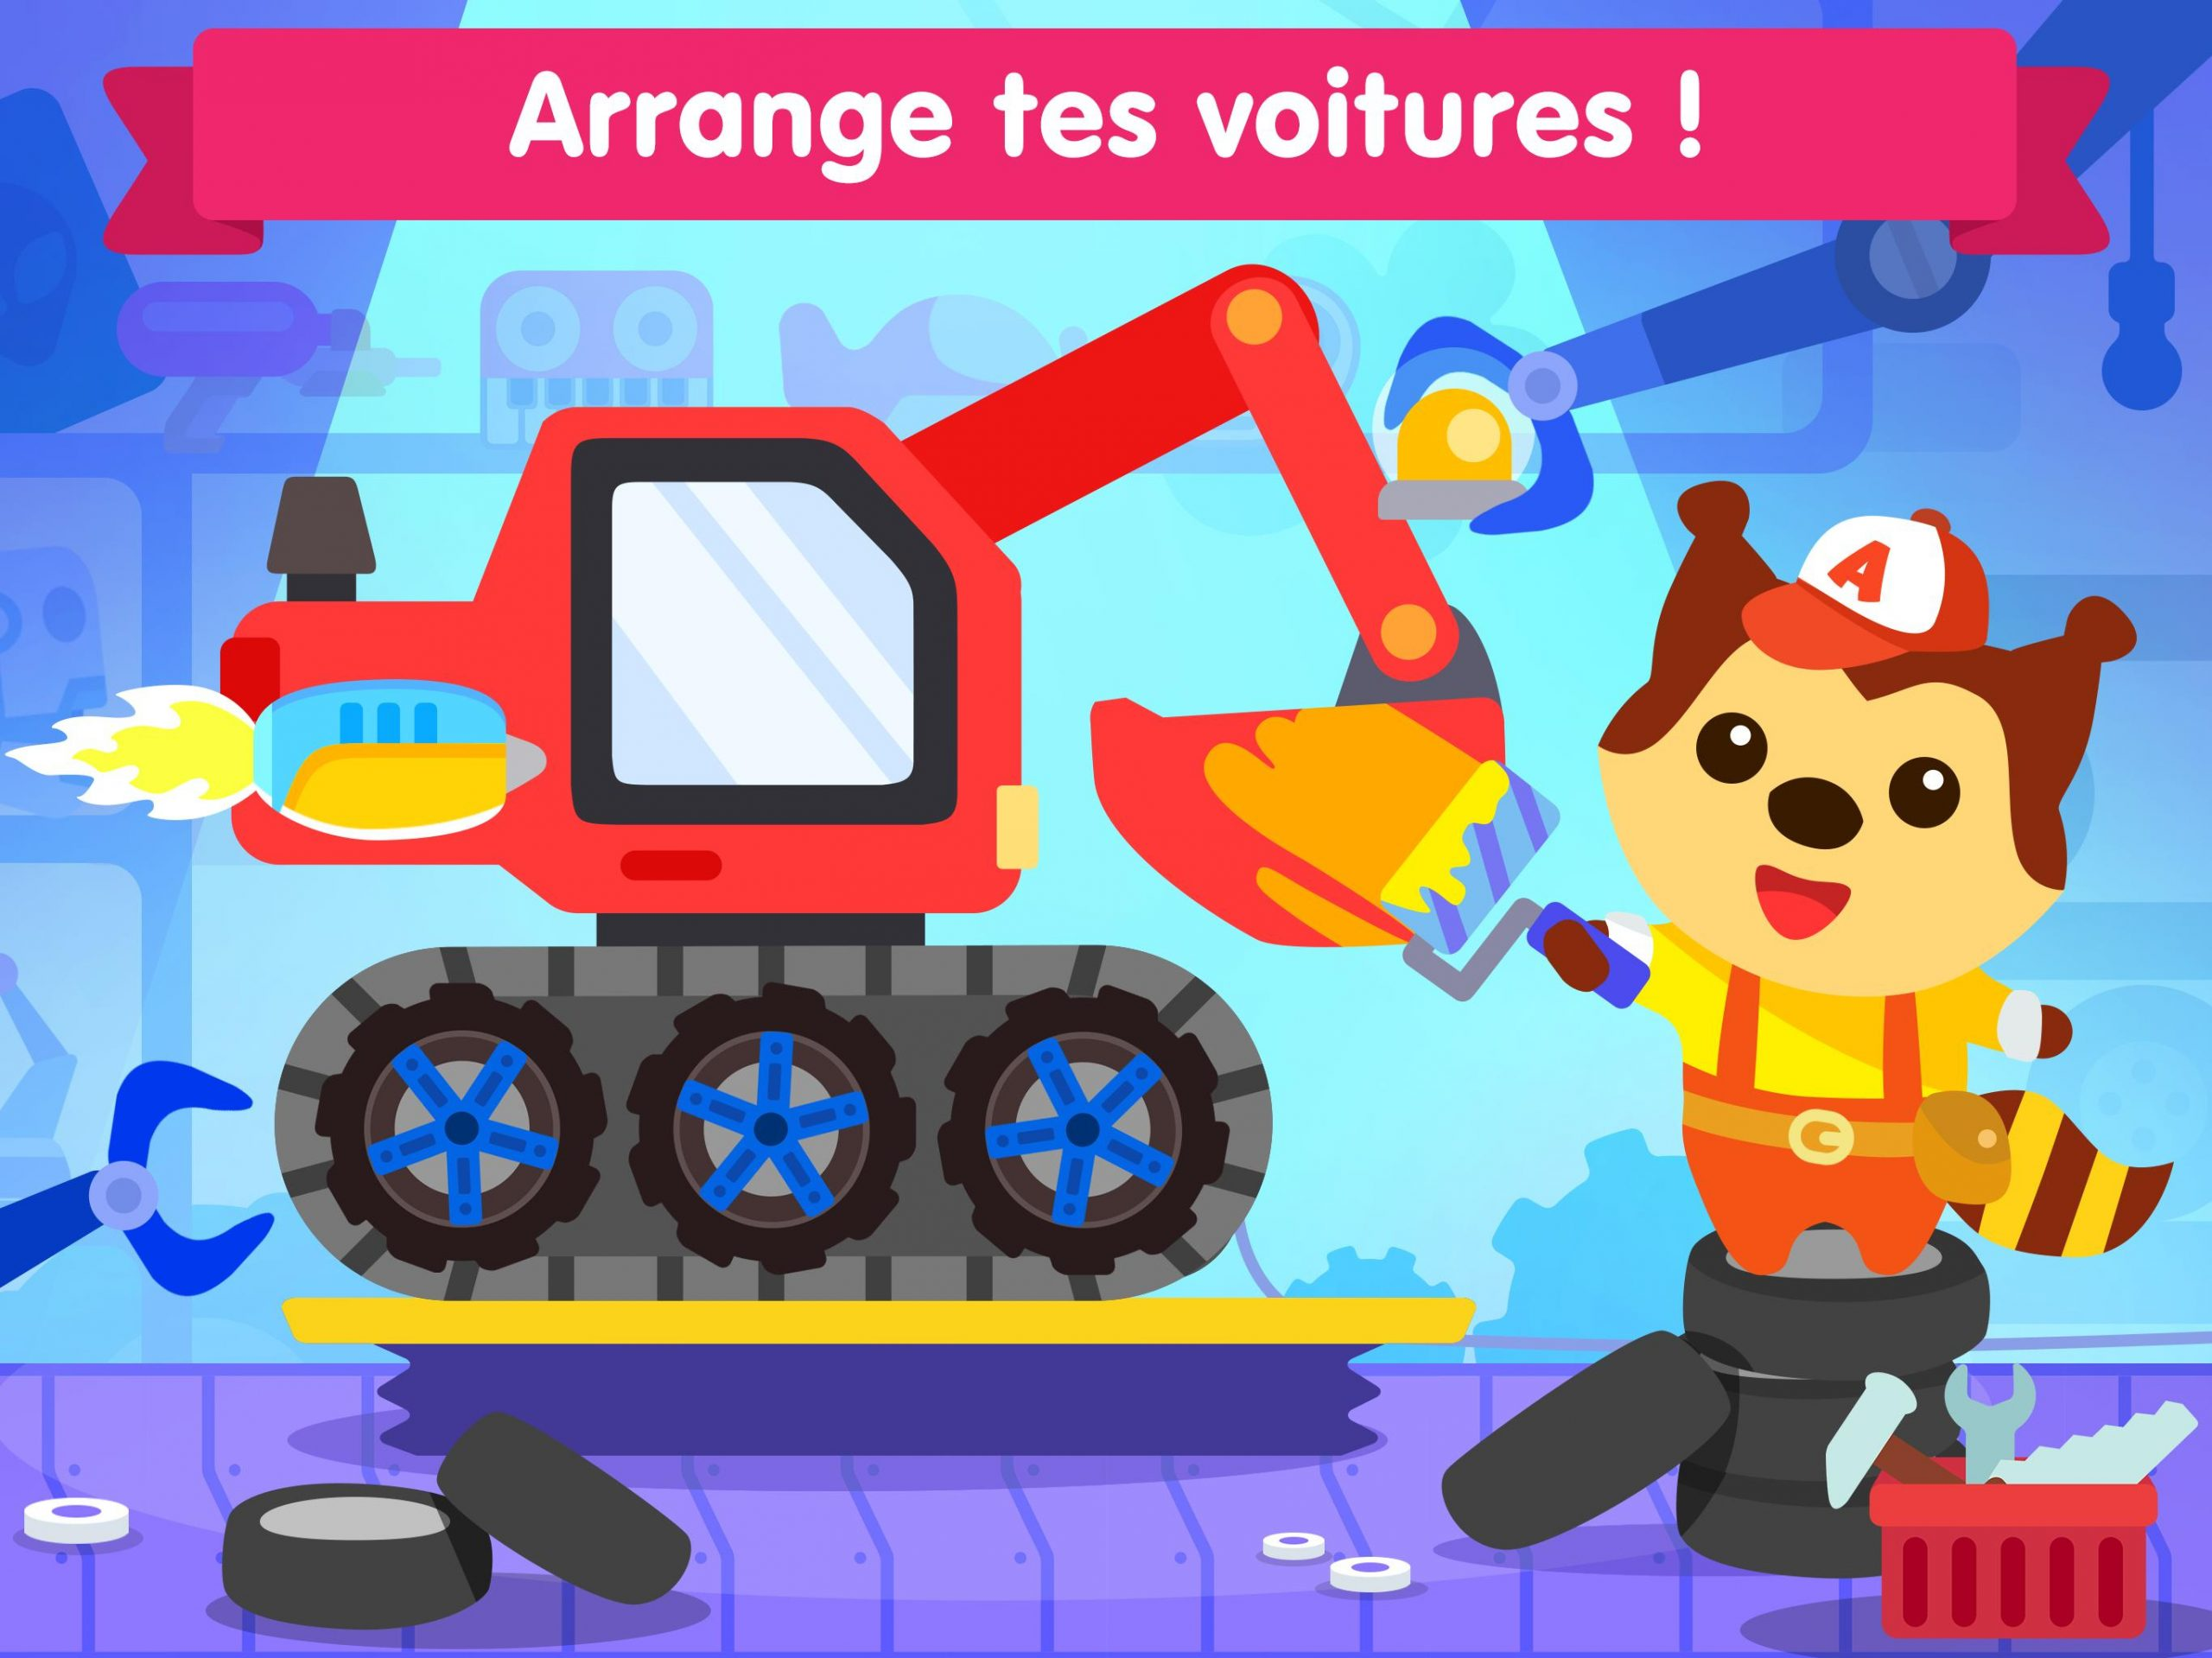 Jeu De Voiture Pour Les Bébés Et Enfants 3 Ans Pour Android concernant Jeux Gratuit Enfant De 3 Ans